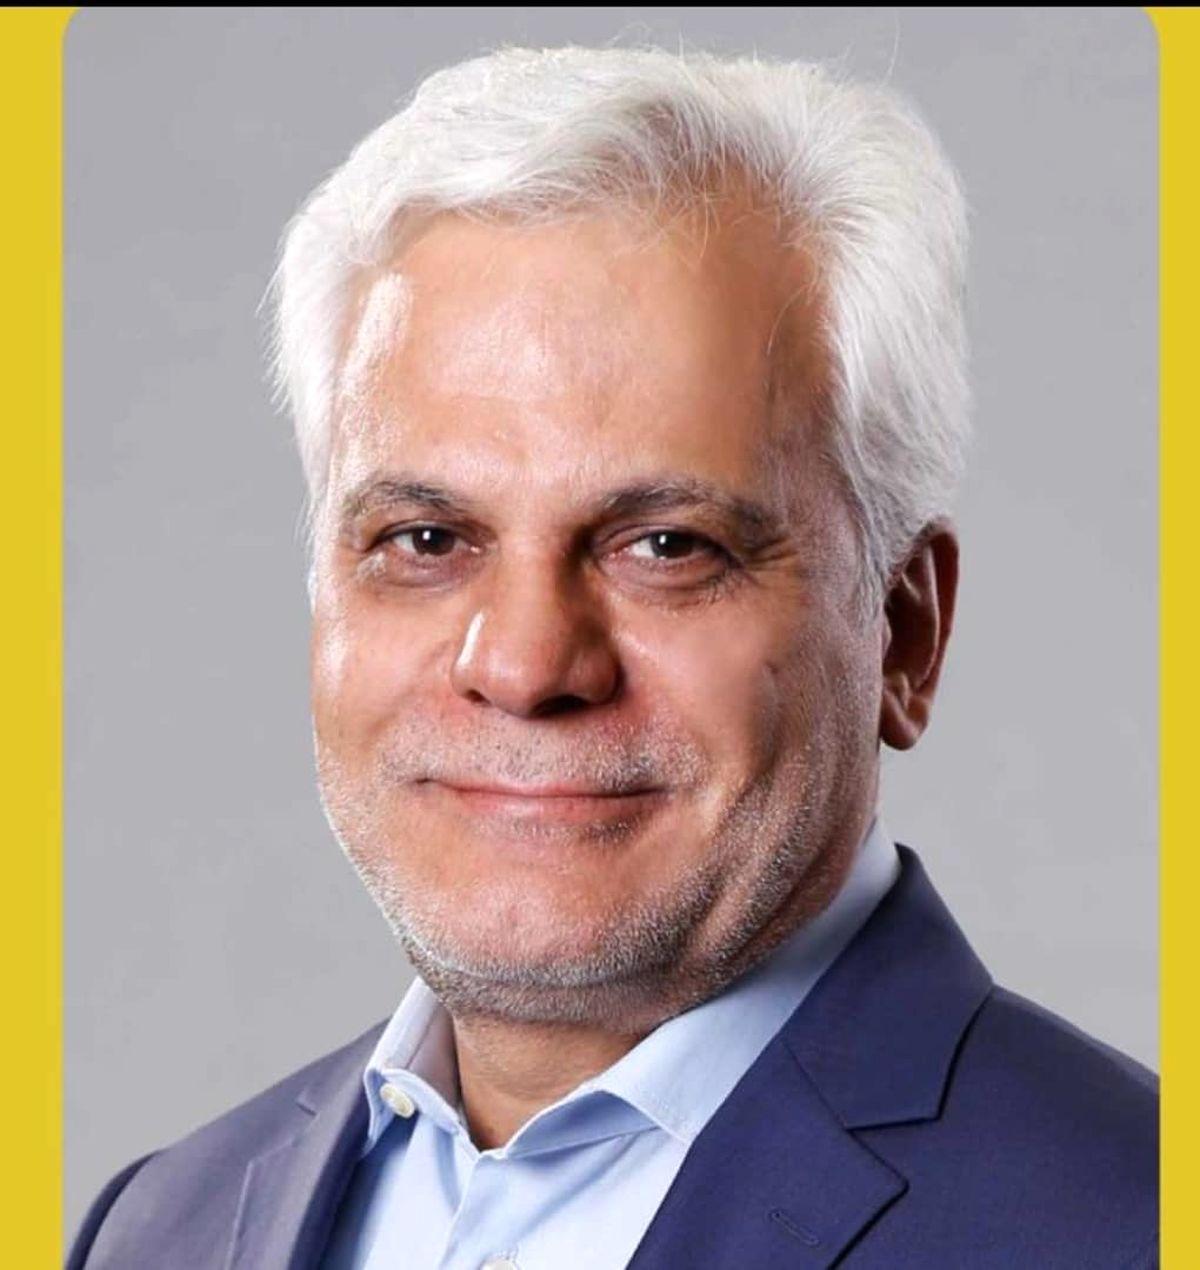 تجلیل سردار طلایی از  مشارکت  حداکثری مردم  در انتخابات